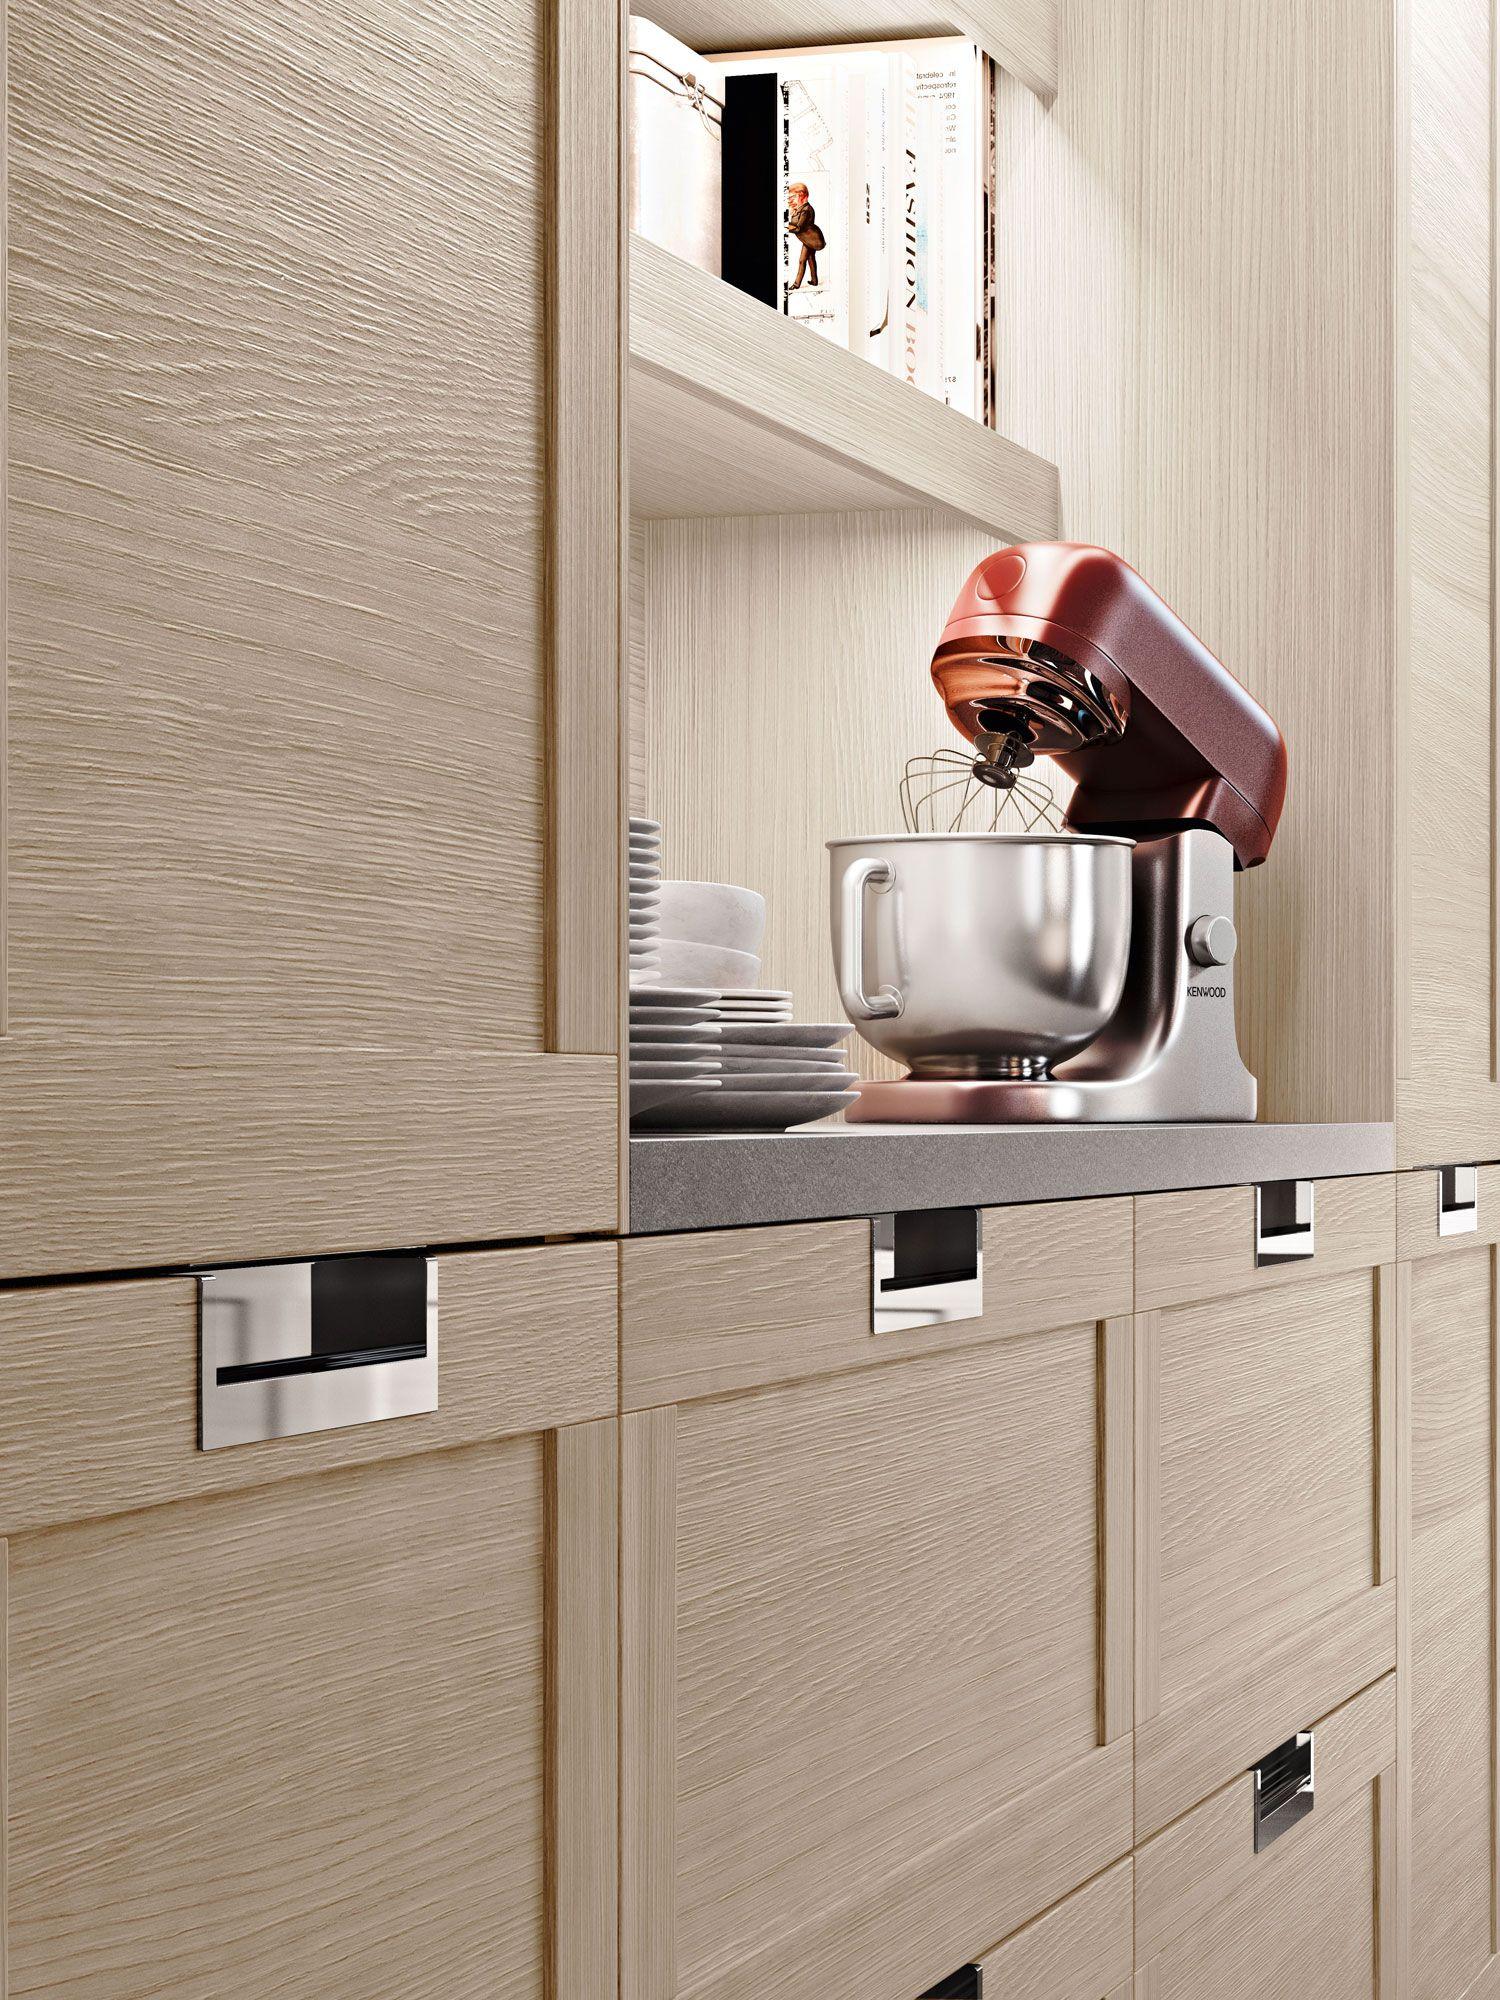 Pin de Deirdre B. en 2010 Kitchen Ideas | Pinterest